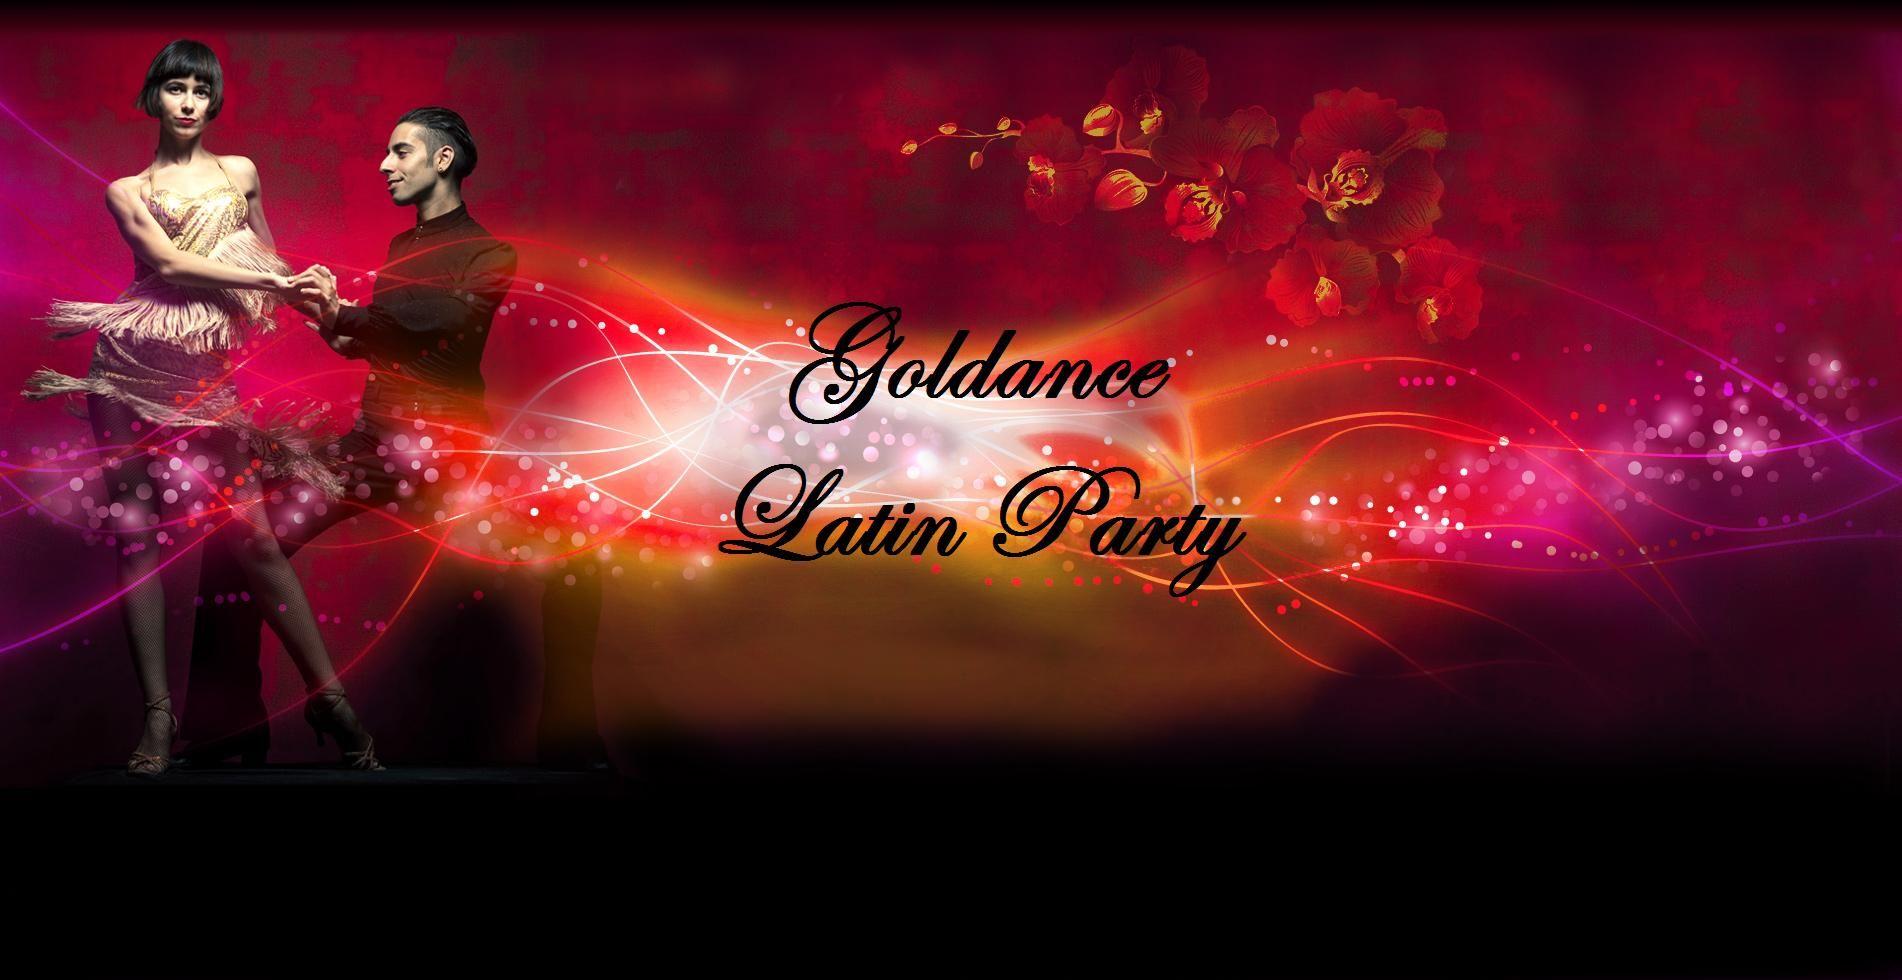 LATIN PARTY @ MARACAIBO by Goldance Academy κάθε Παρασκευή :: Corfu2day.com